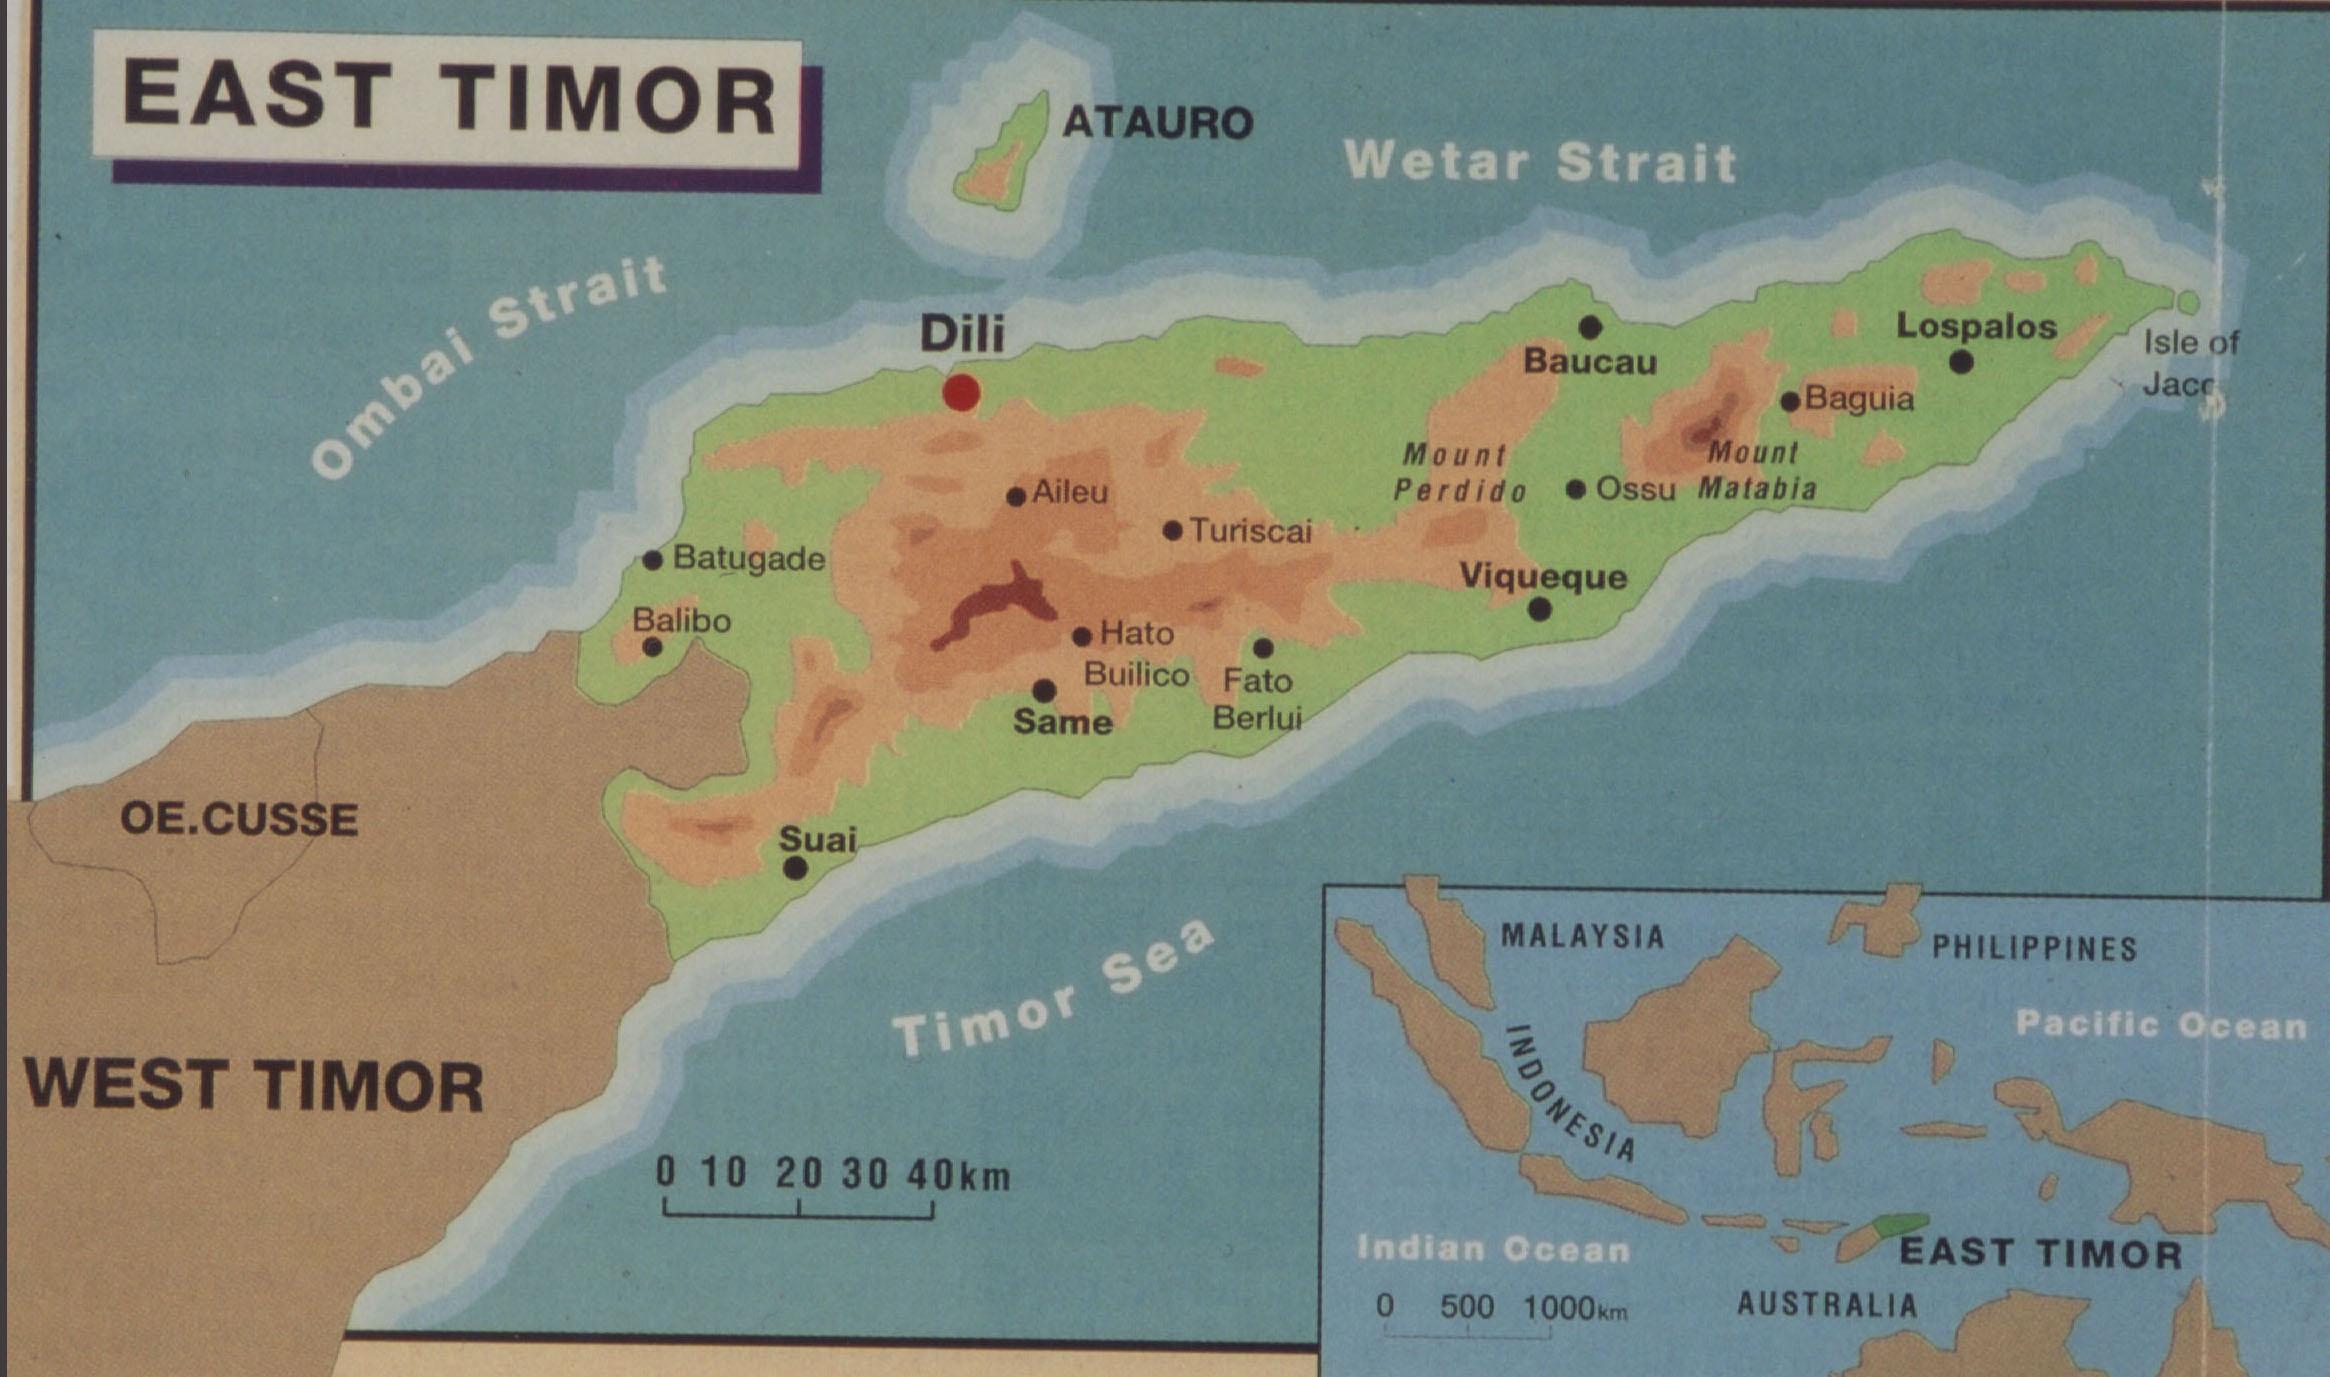 East Timor Maps